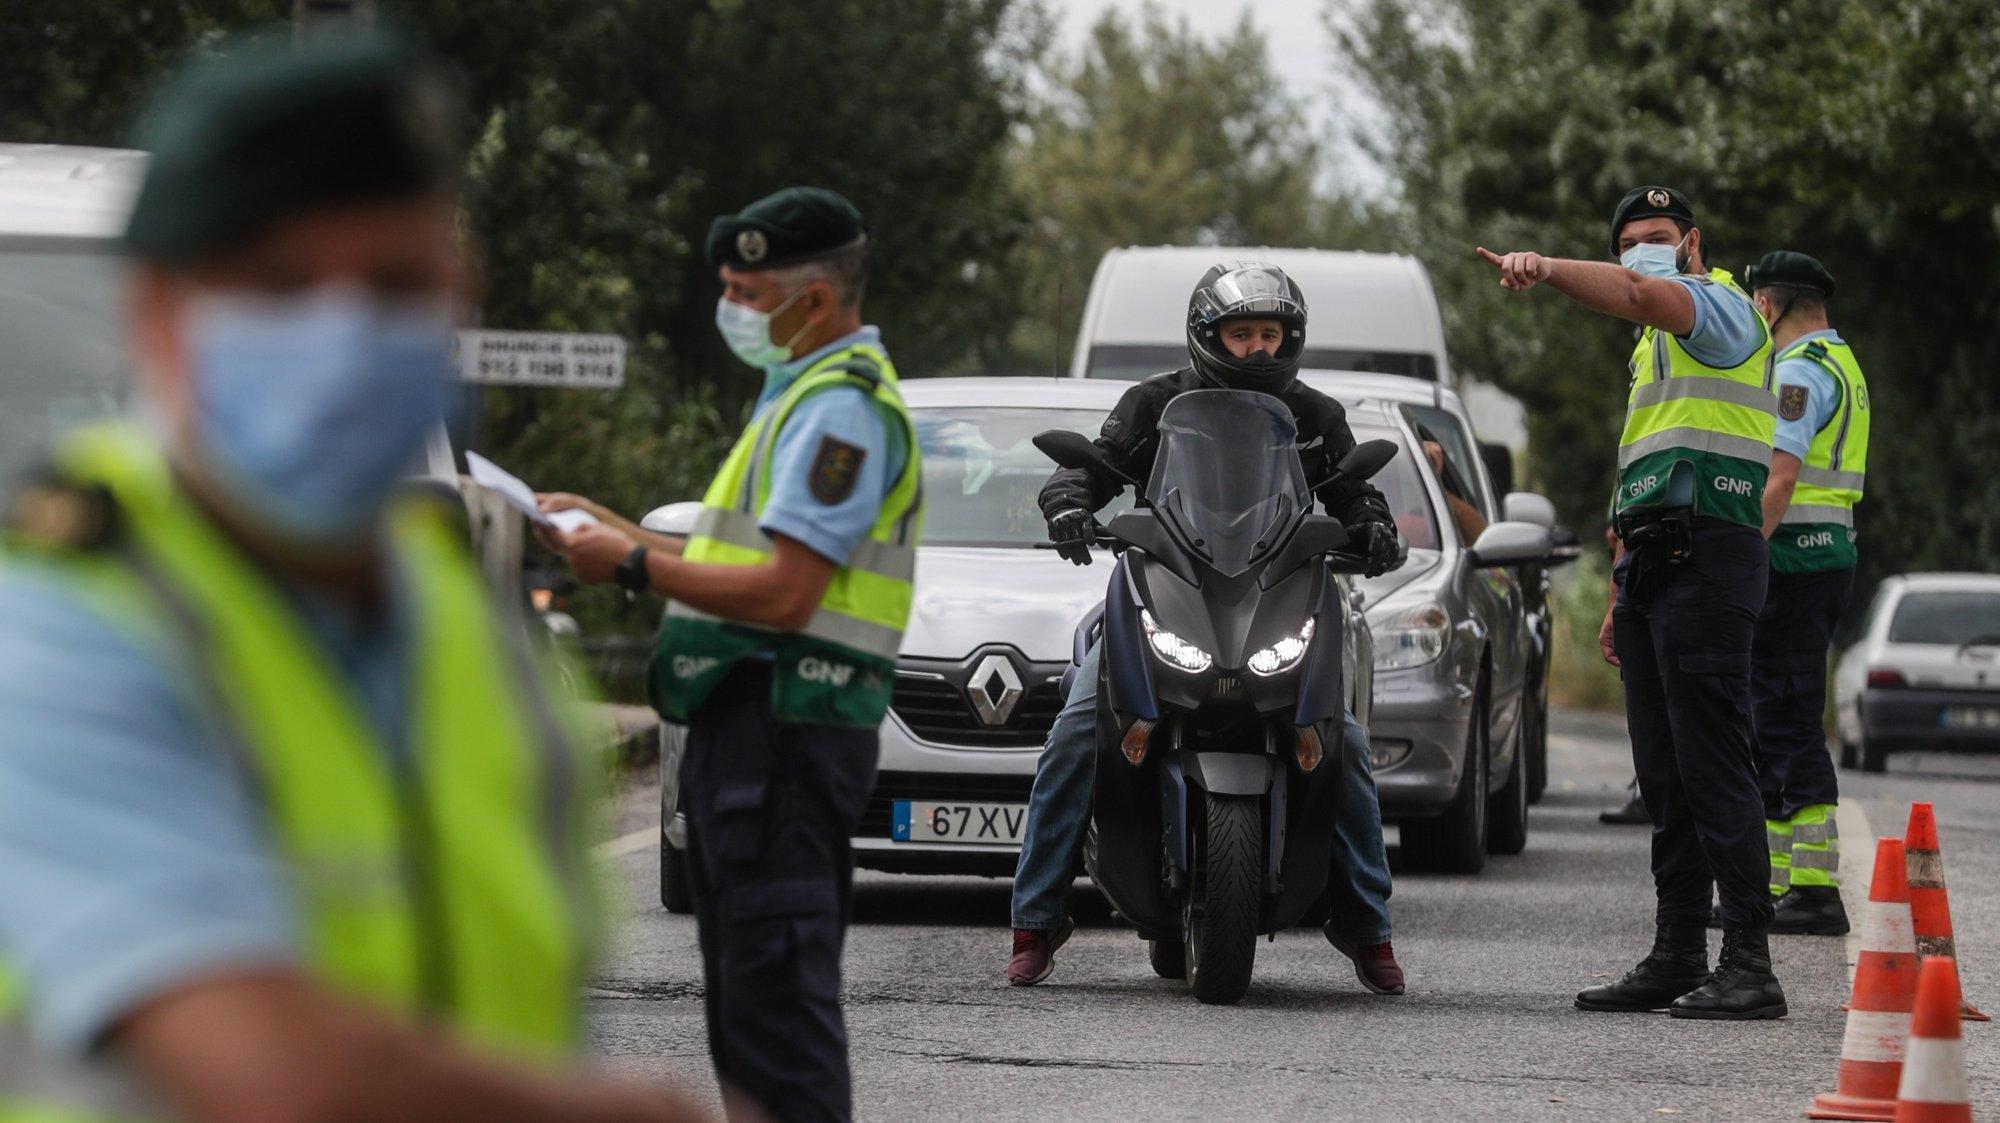 Militares da Guarda Nacional Republicana (GNR) procedem a uma ação de fiscalização de trânsito no limite da área metropolitana de Lisboa, na entrada do Carregado, 19 de junho de 20021.   TIAGO PETINGA/LUSA